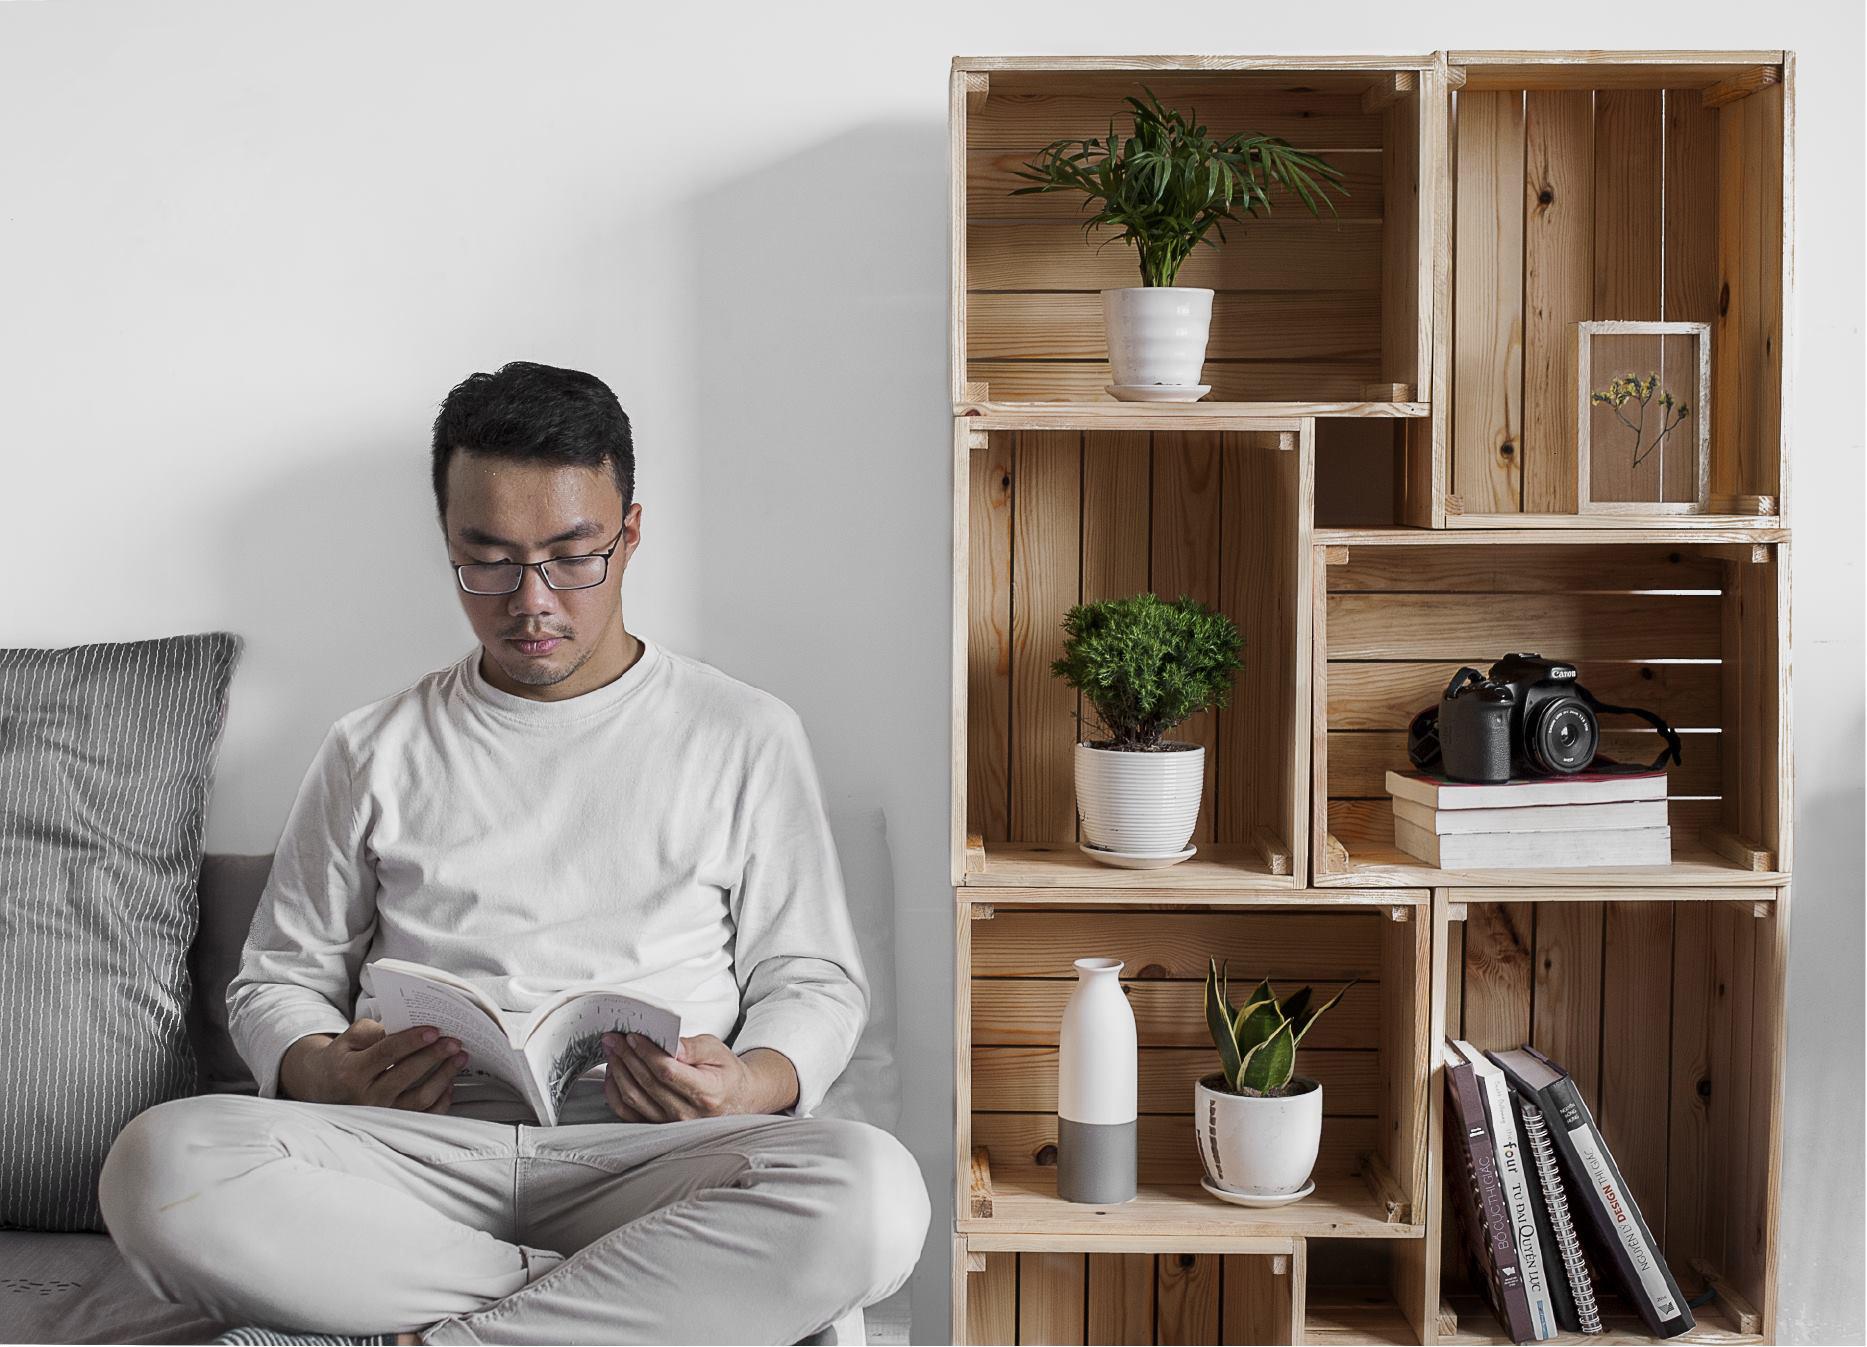 Giá Sách Tự Bố Trí, Kệ Sách 8 Hộp Gỗ Nan, Tủ Sách Decor Thành Tủ Đứng Hoặc Tủ Ngang Đa Năng